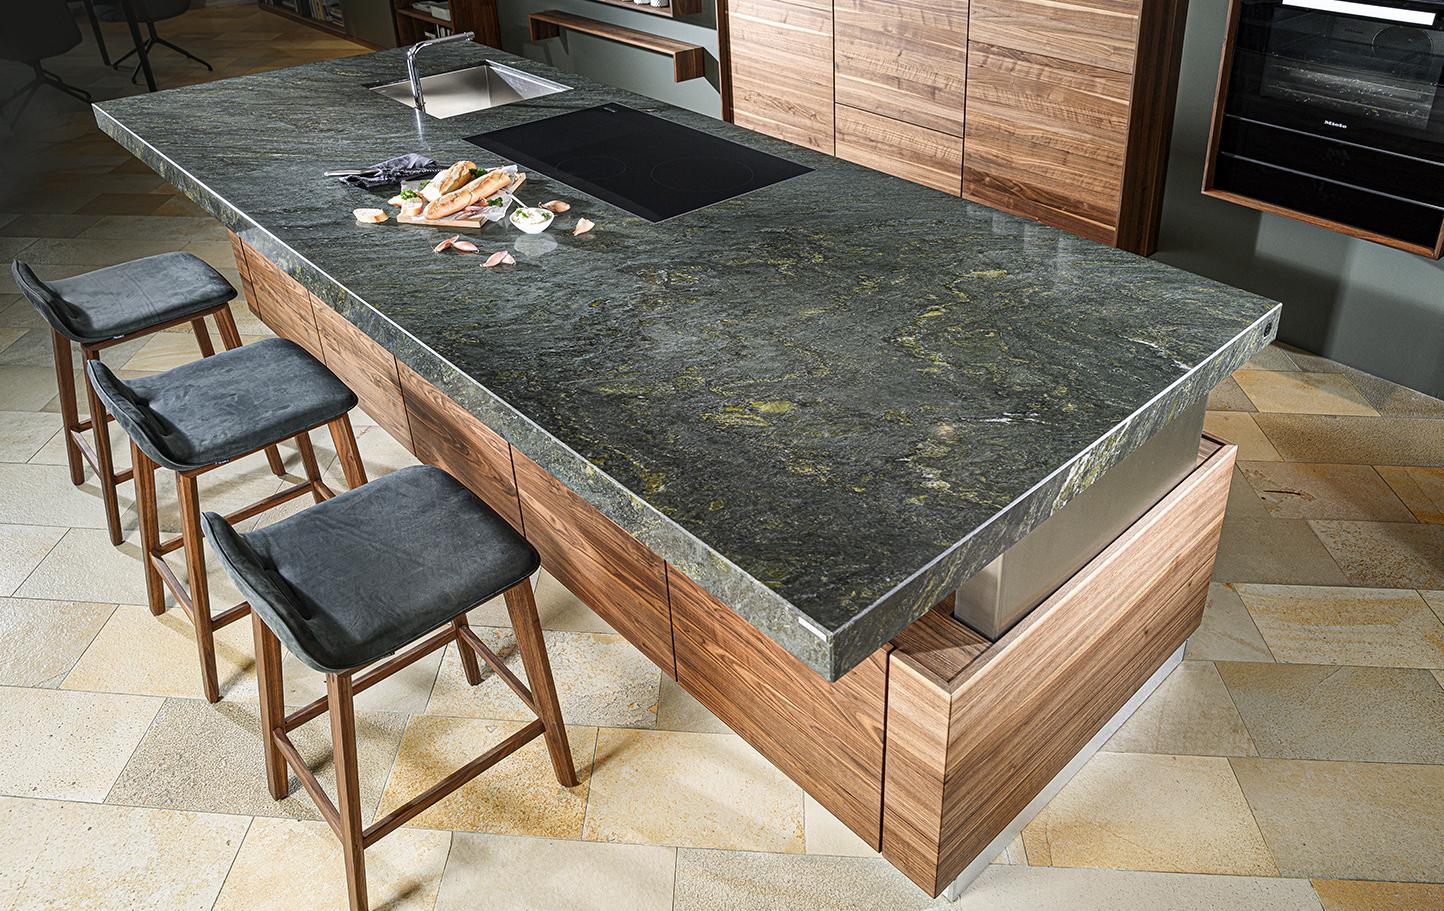 Bei der Küchenplanung einer großen Küche, ist eine Kücheninsel eine sinnvolle Idee.